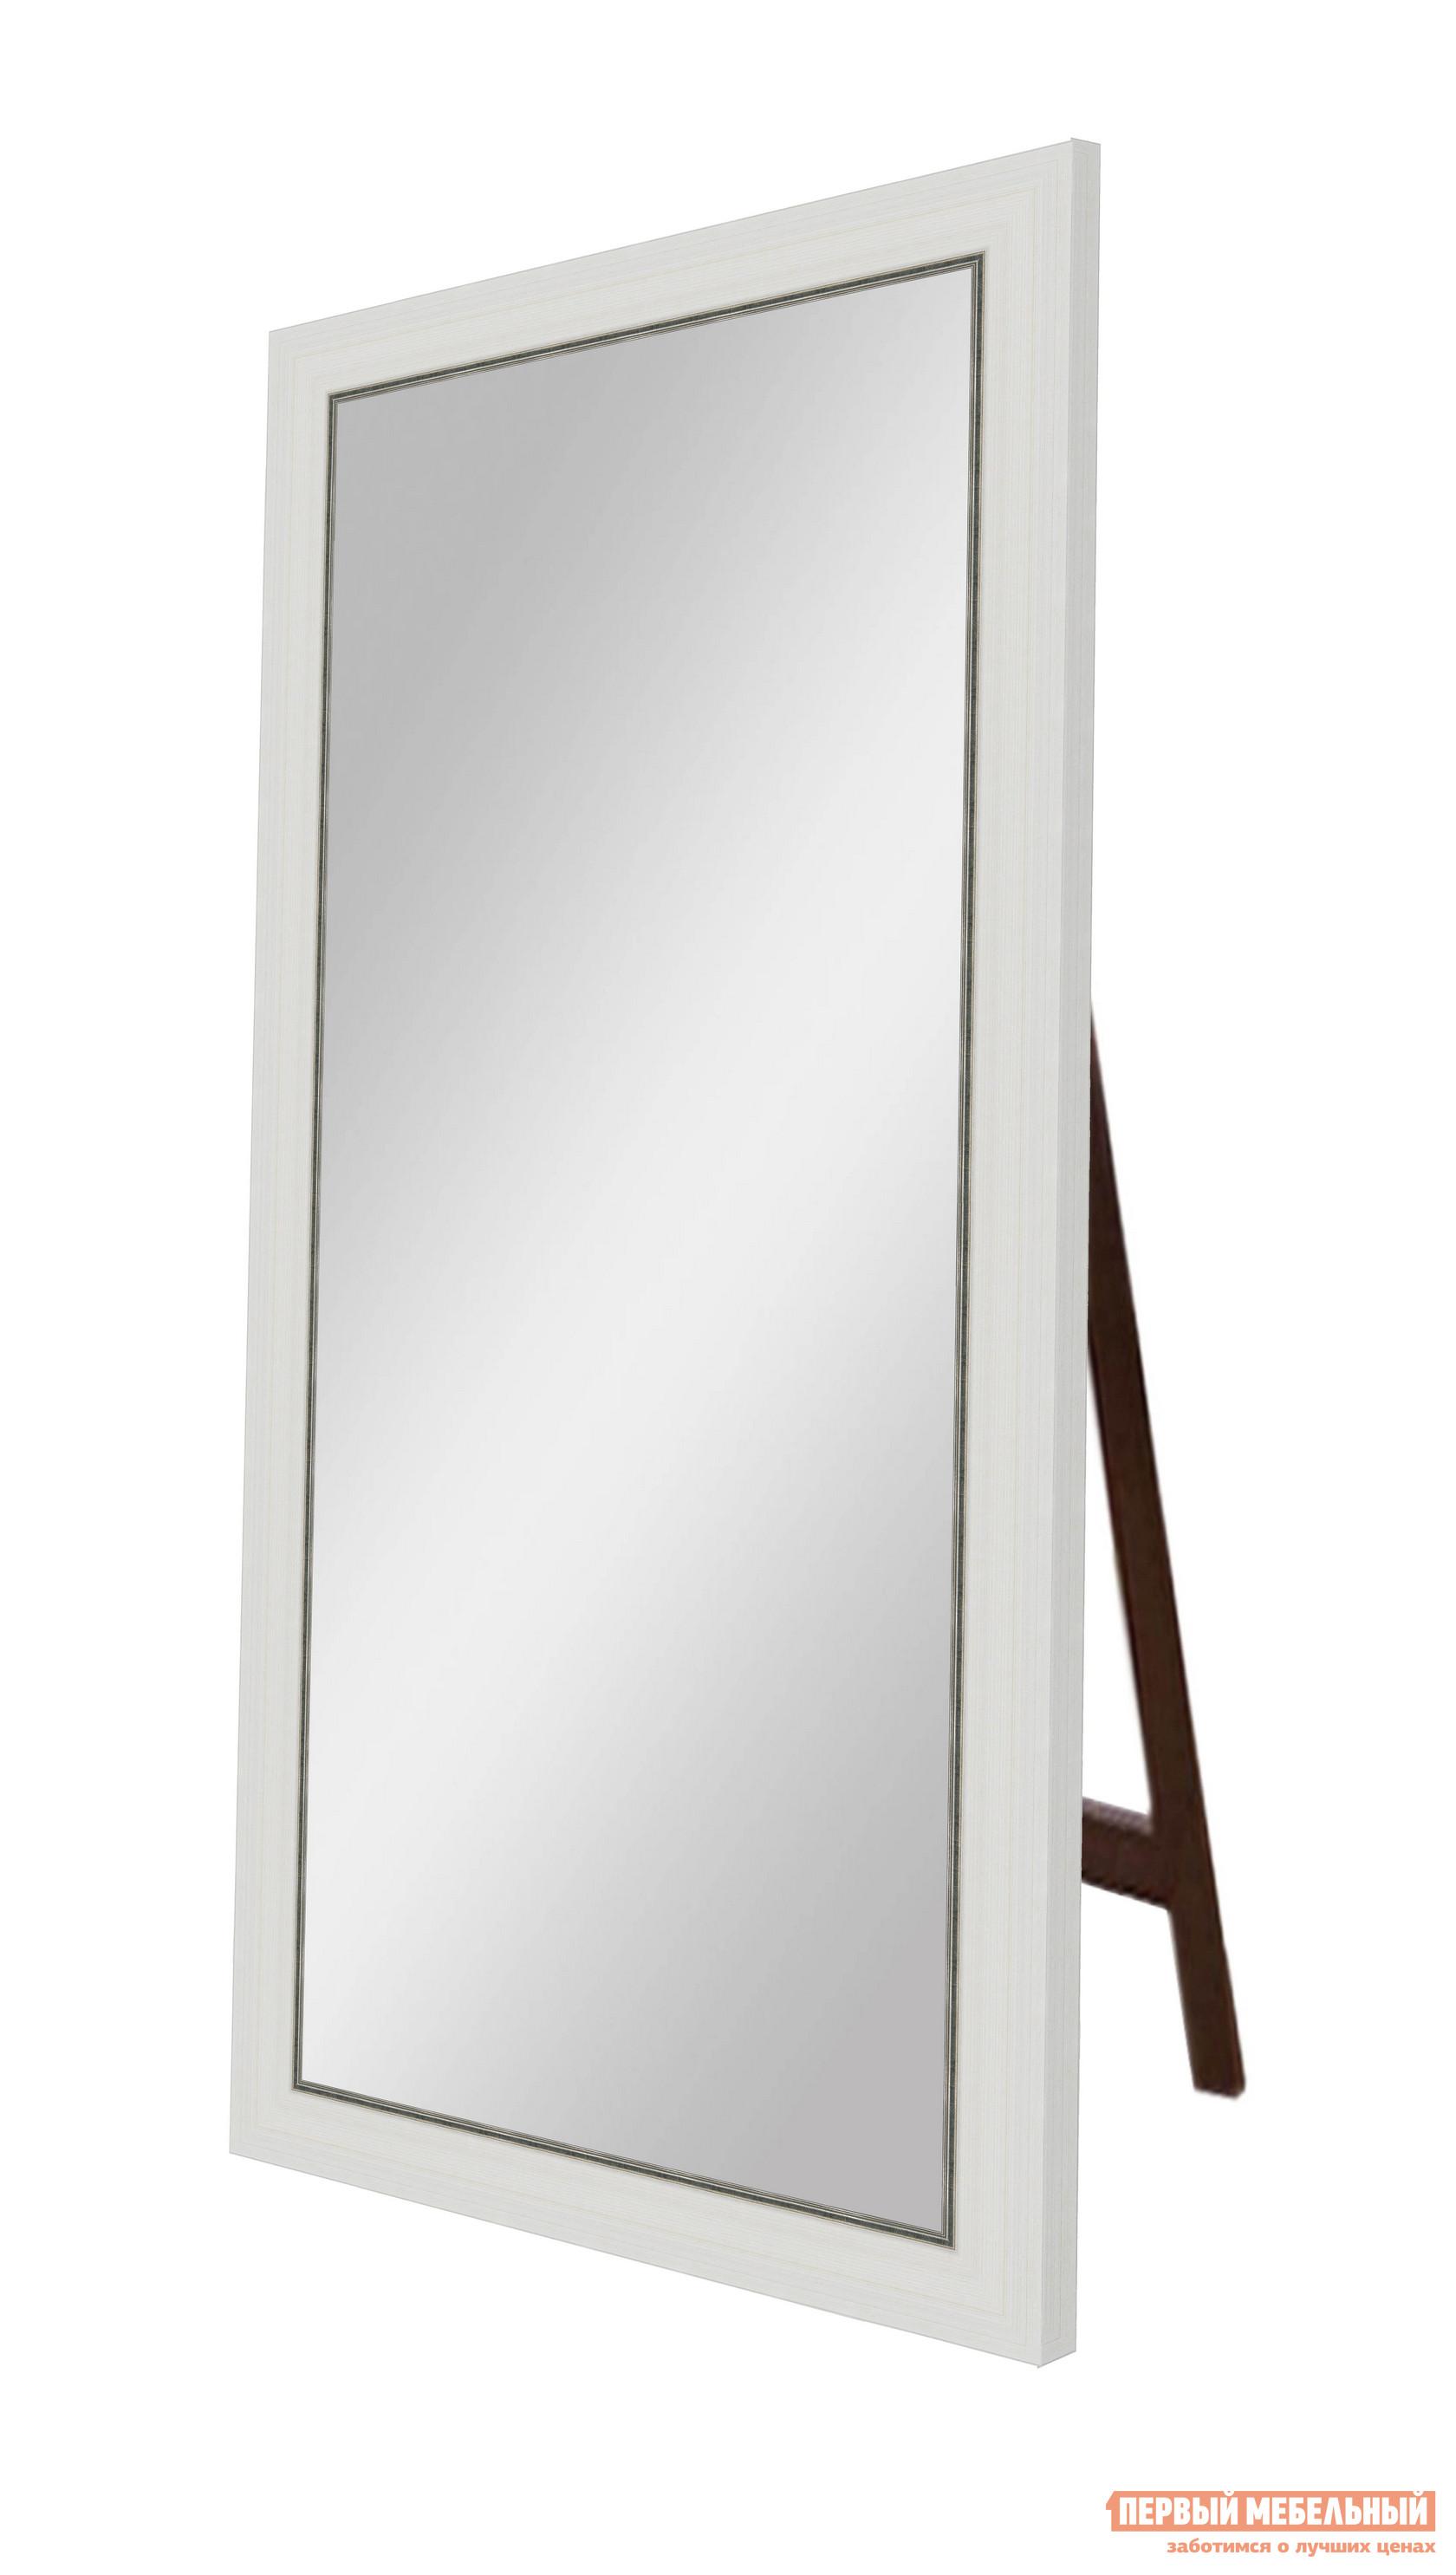 Напольное зеркало ZerkaloStudio